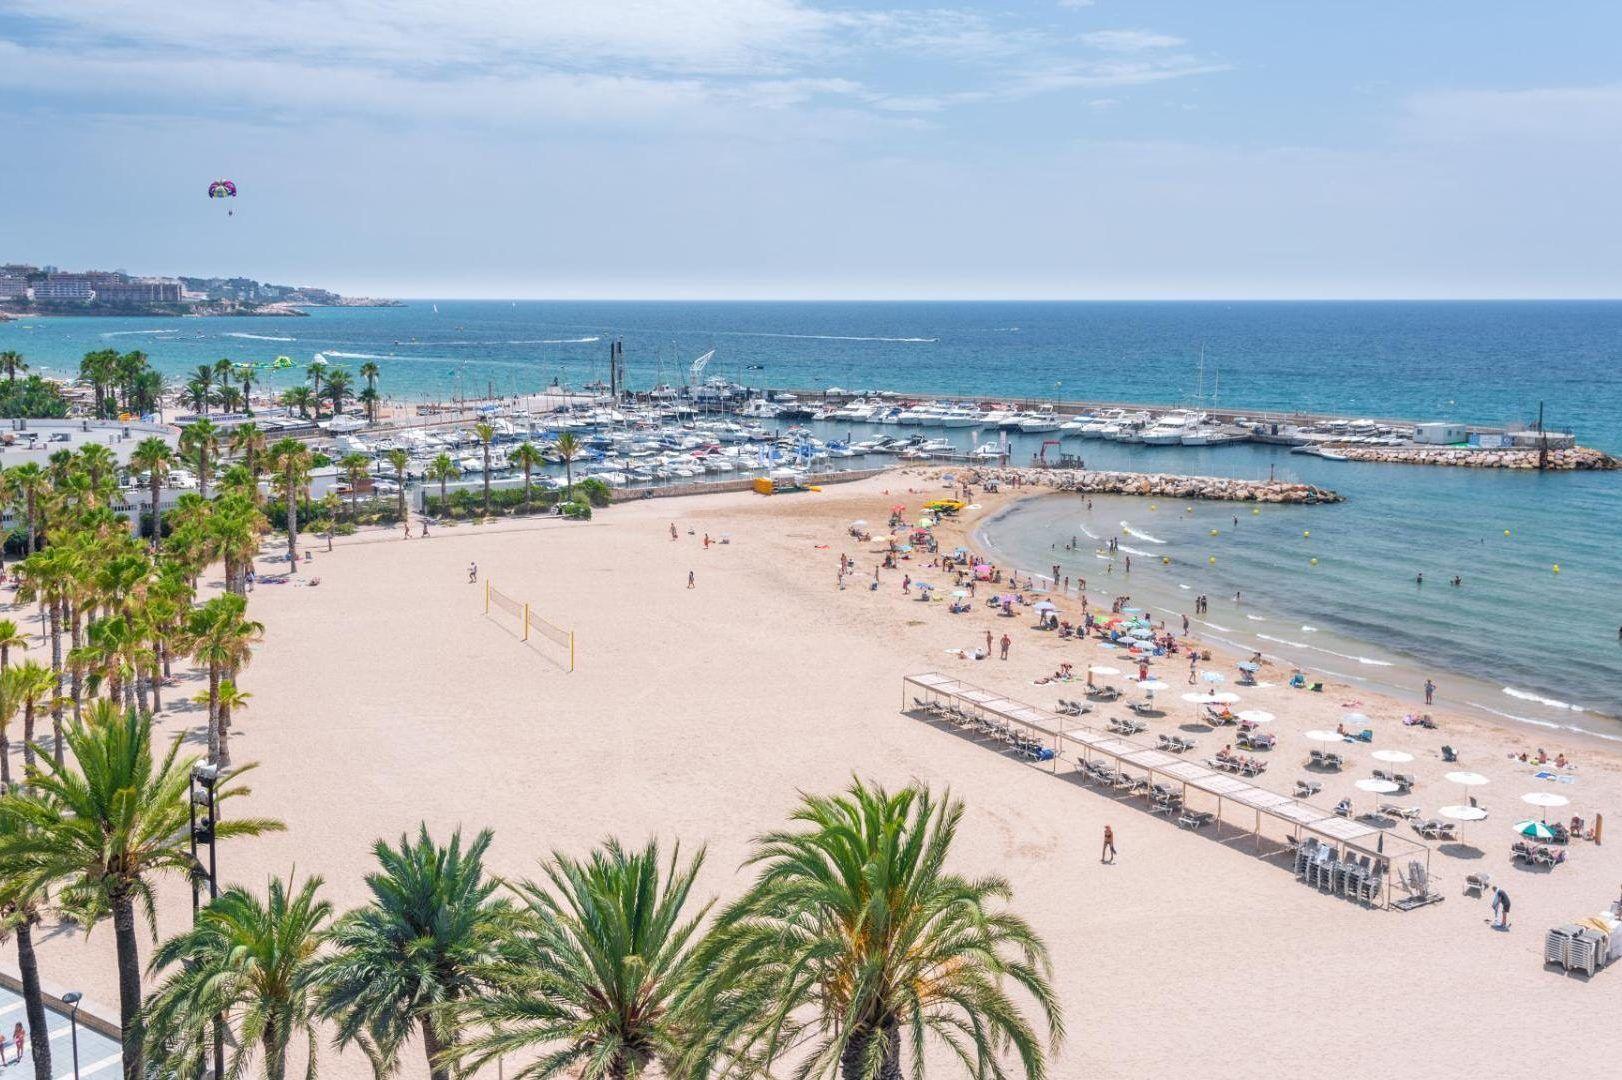 weitläufiger Strand auf Eurer Sportreise an der Costa Daurada